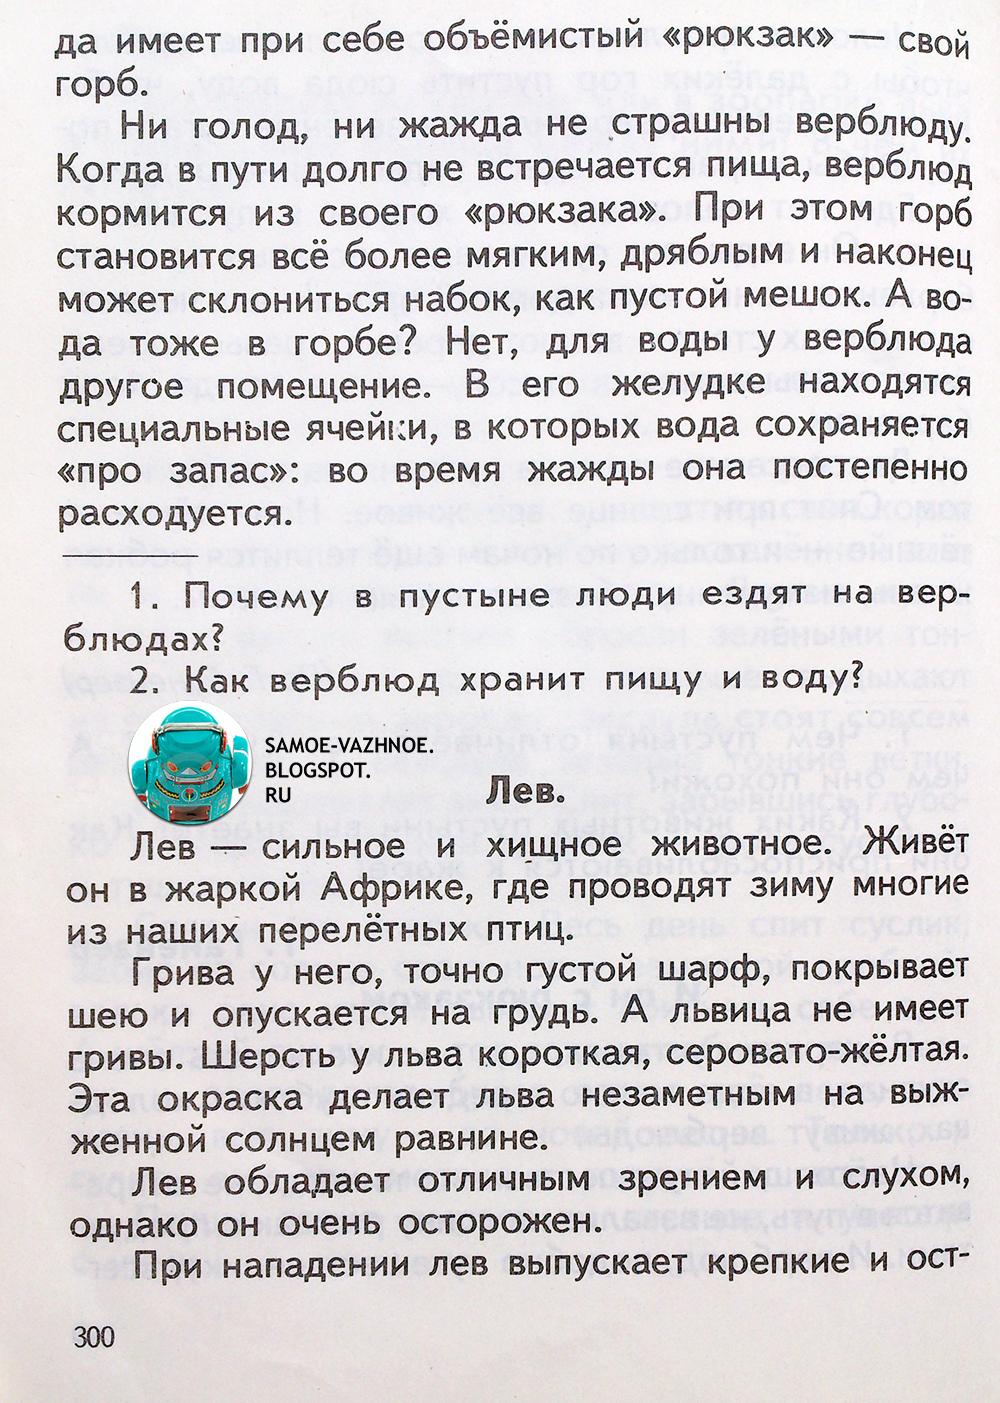 Романовская Живое слово учебник 1990 девяностые 1991 1992 1993 1994 1995